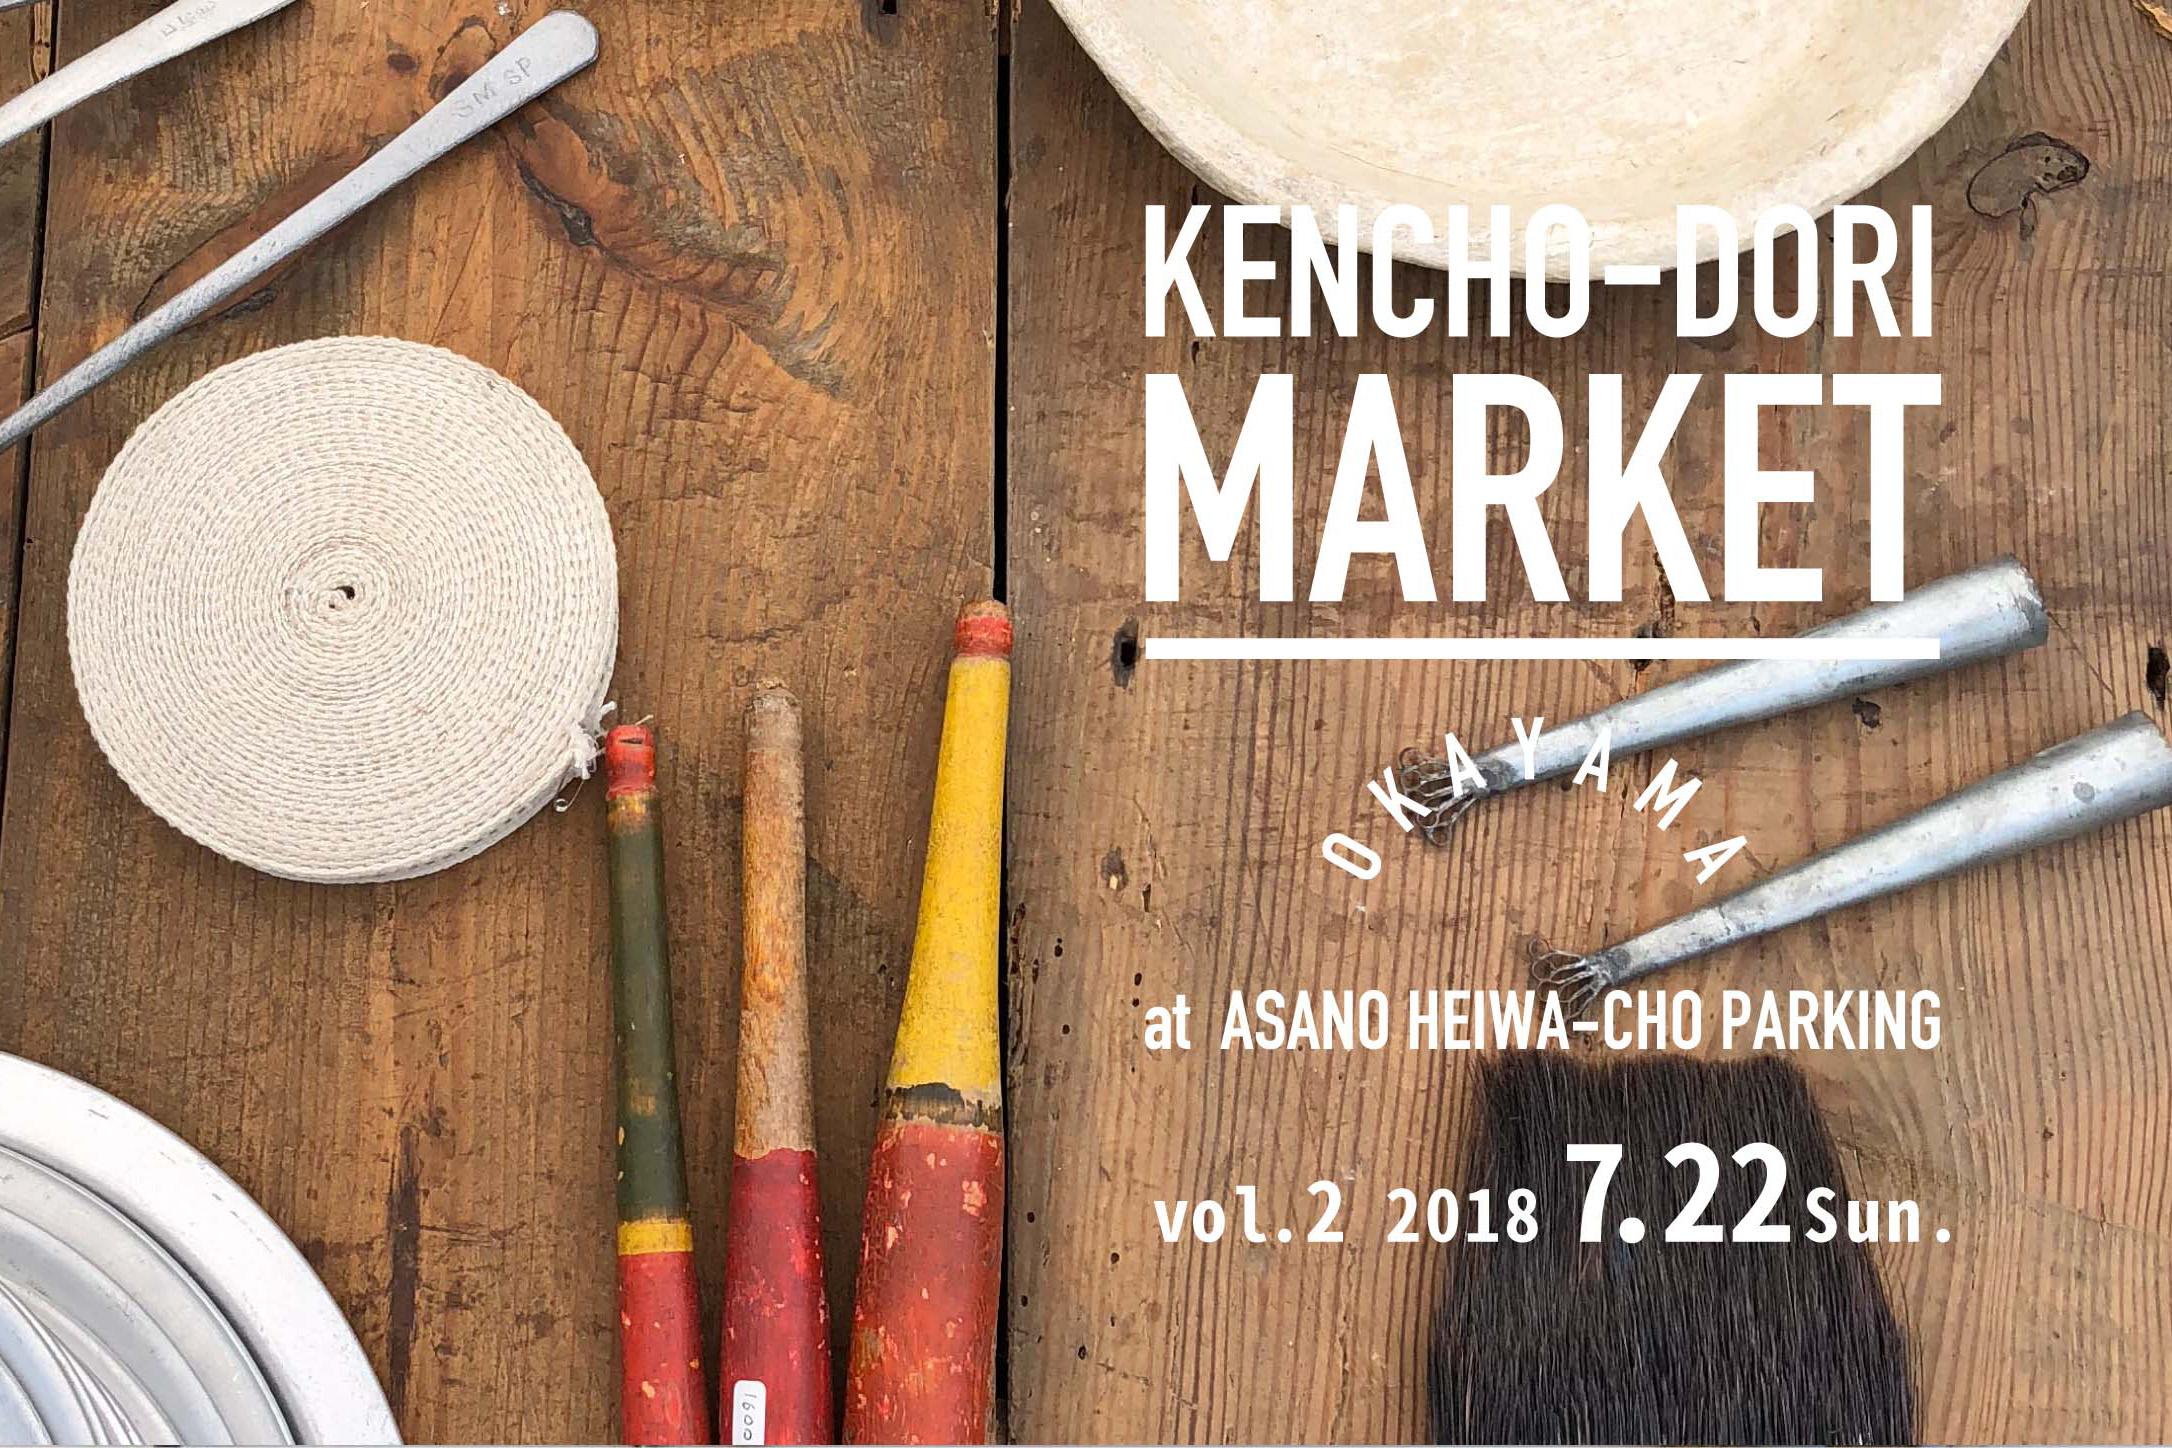 KENCHO-DORI MARKET vol.2